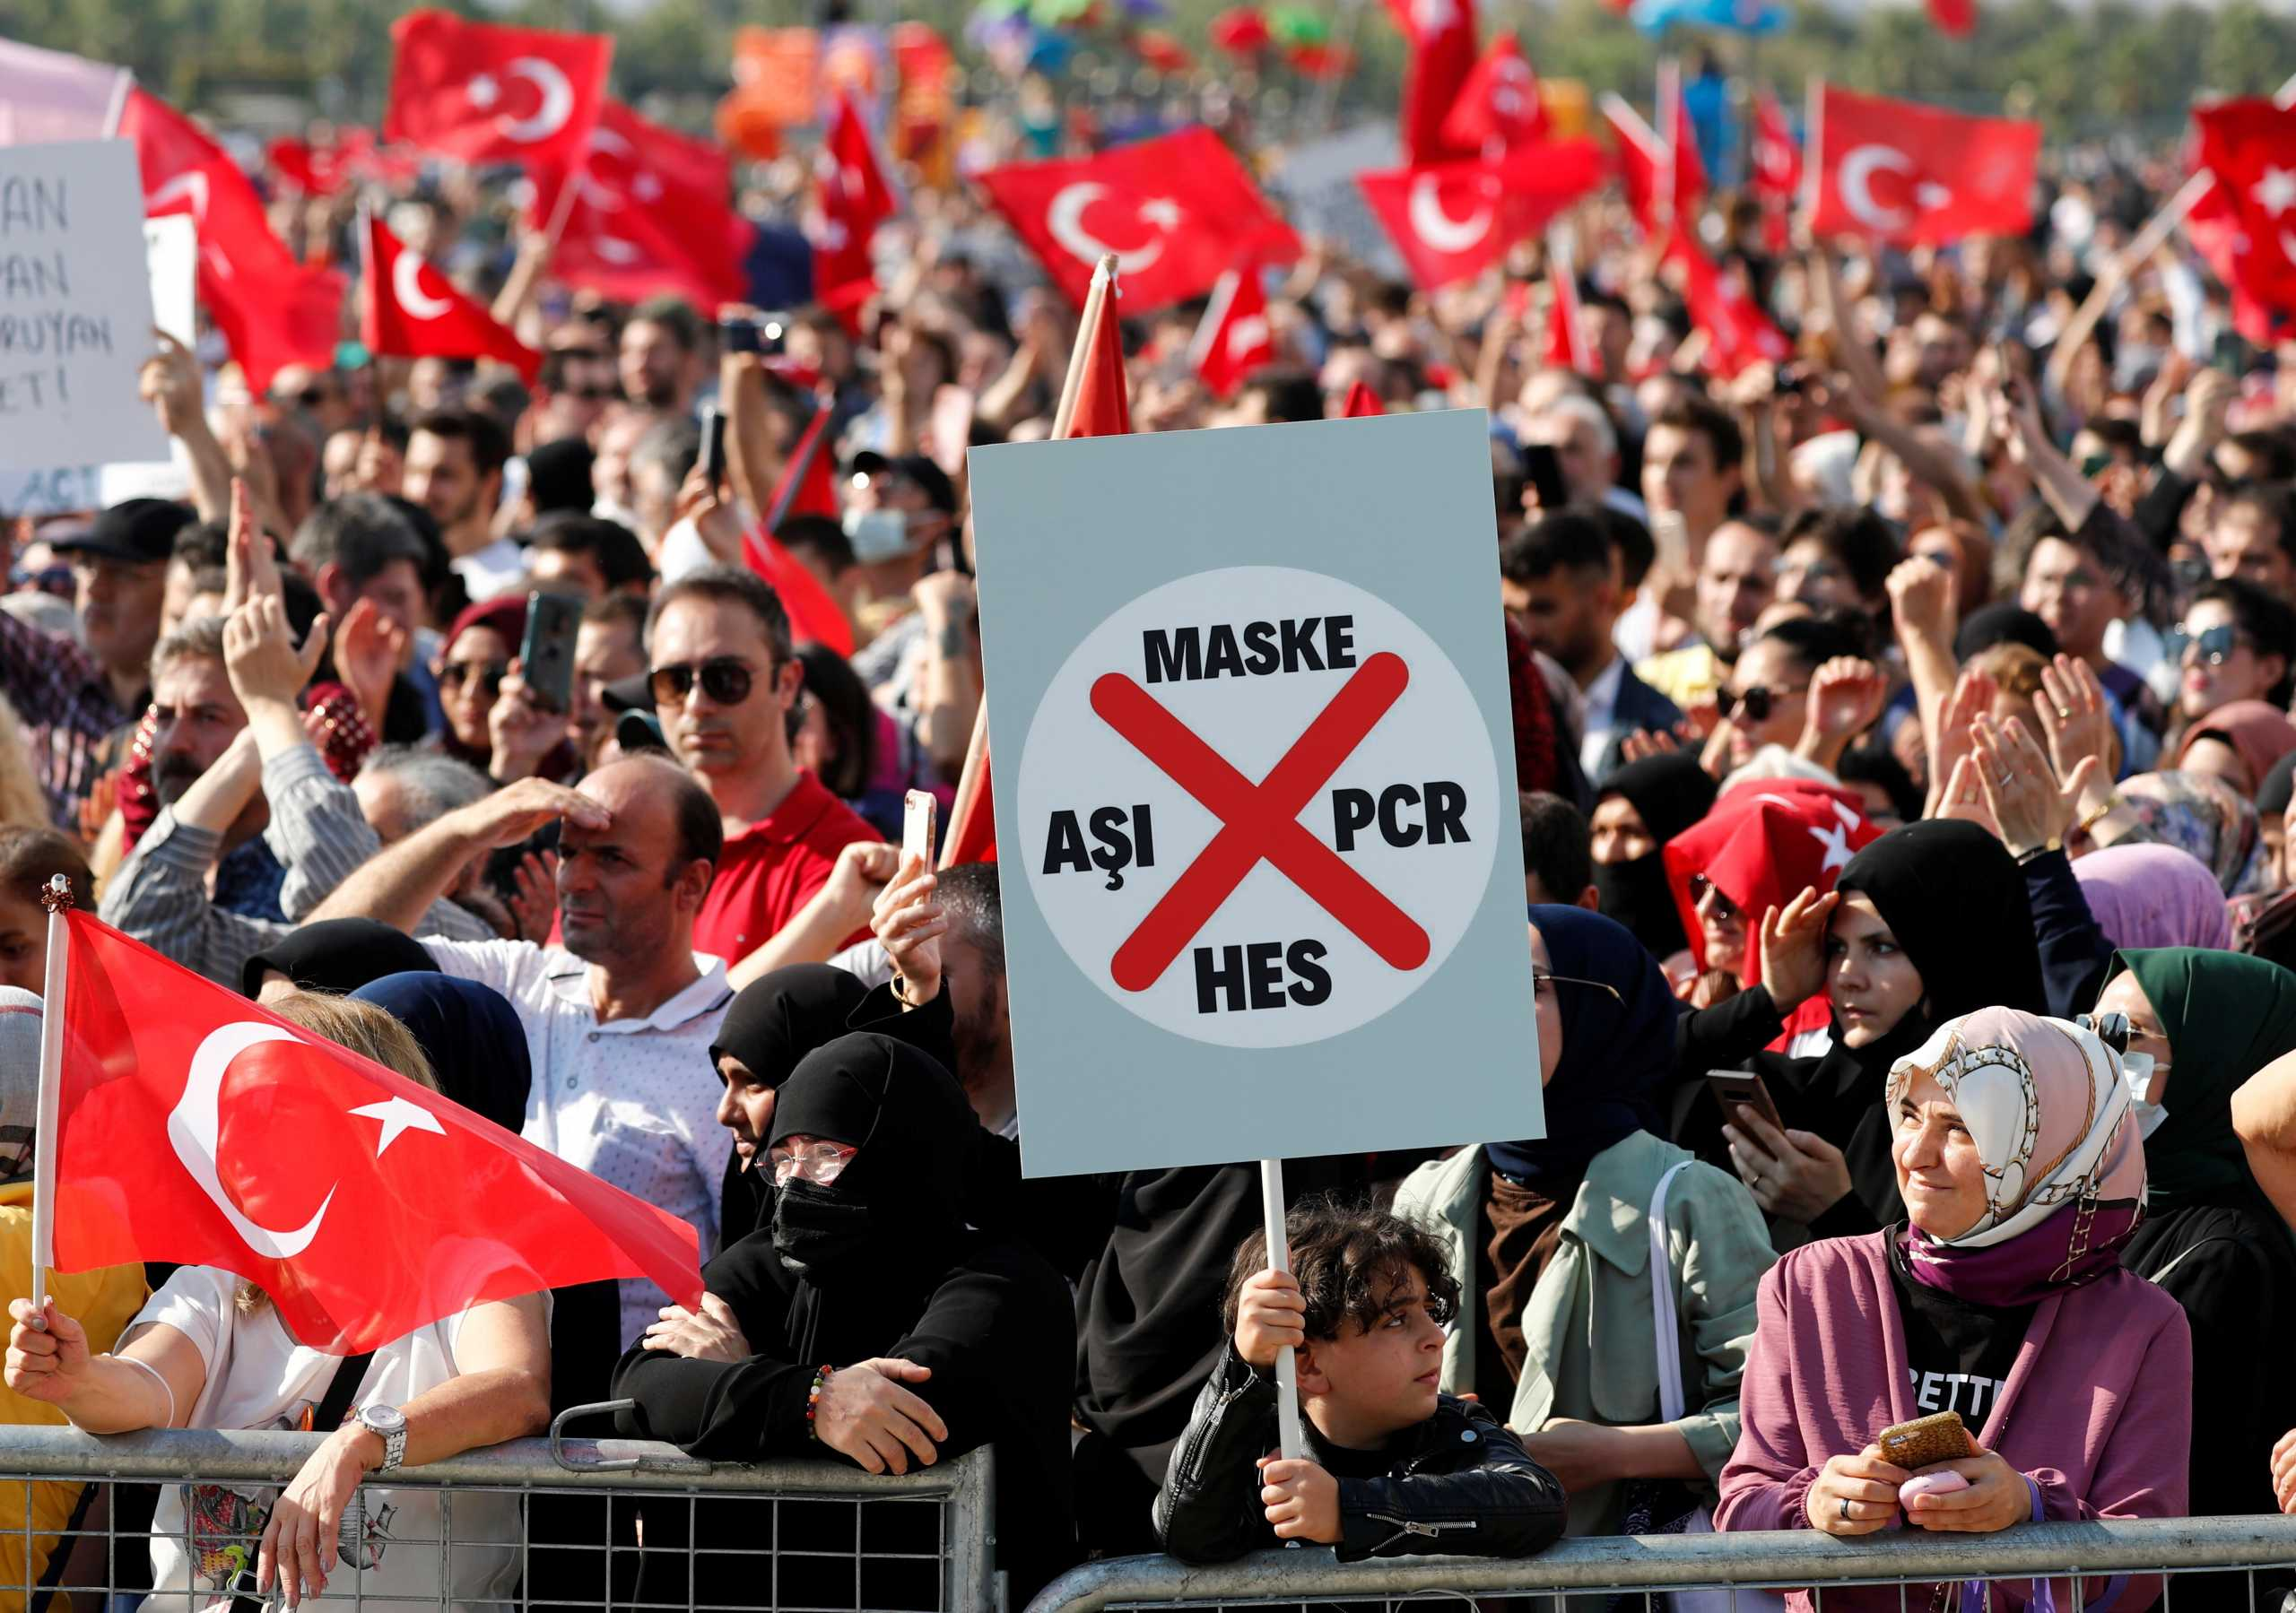 Κορονοϊός – Κωνσταντινούπολη: Χιλιάδες αντιεμβολιαστές στους δρόμους – «Όχι τεστ και μάσκες»